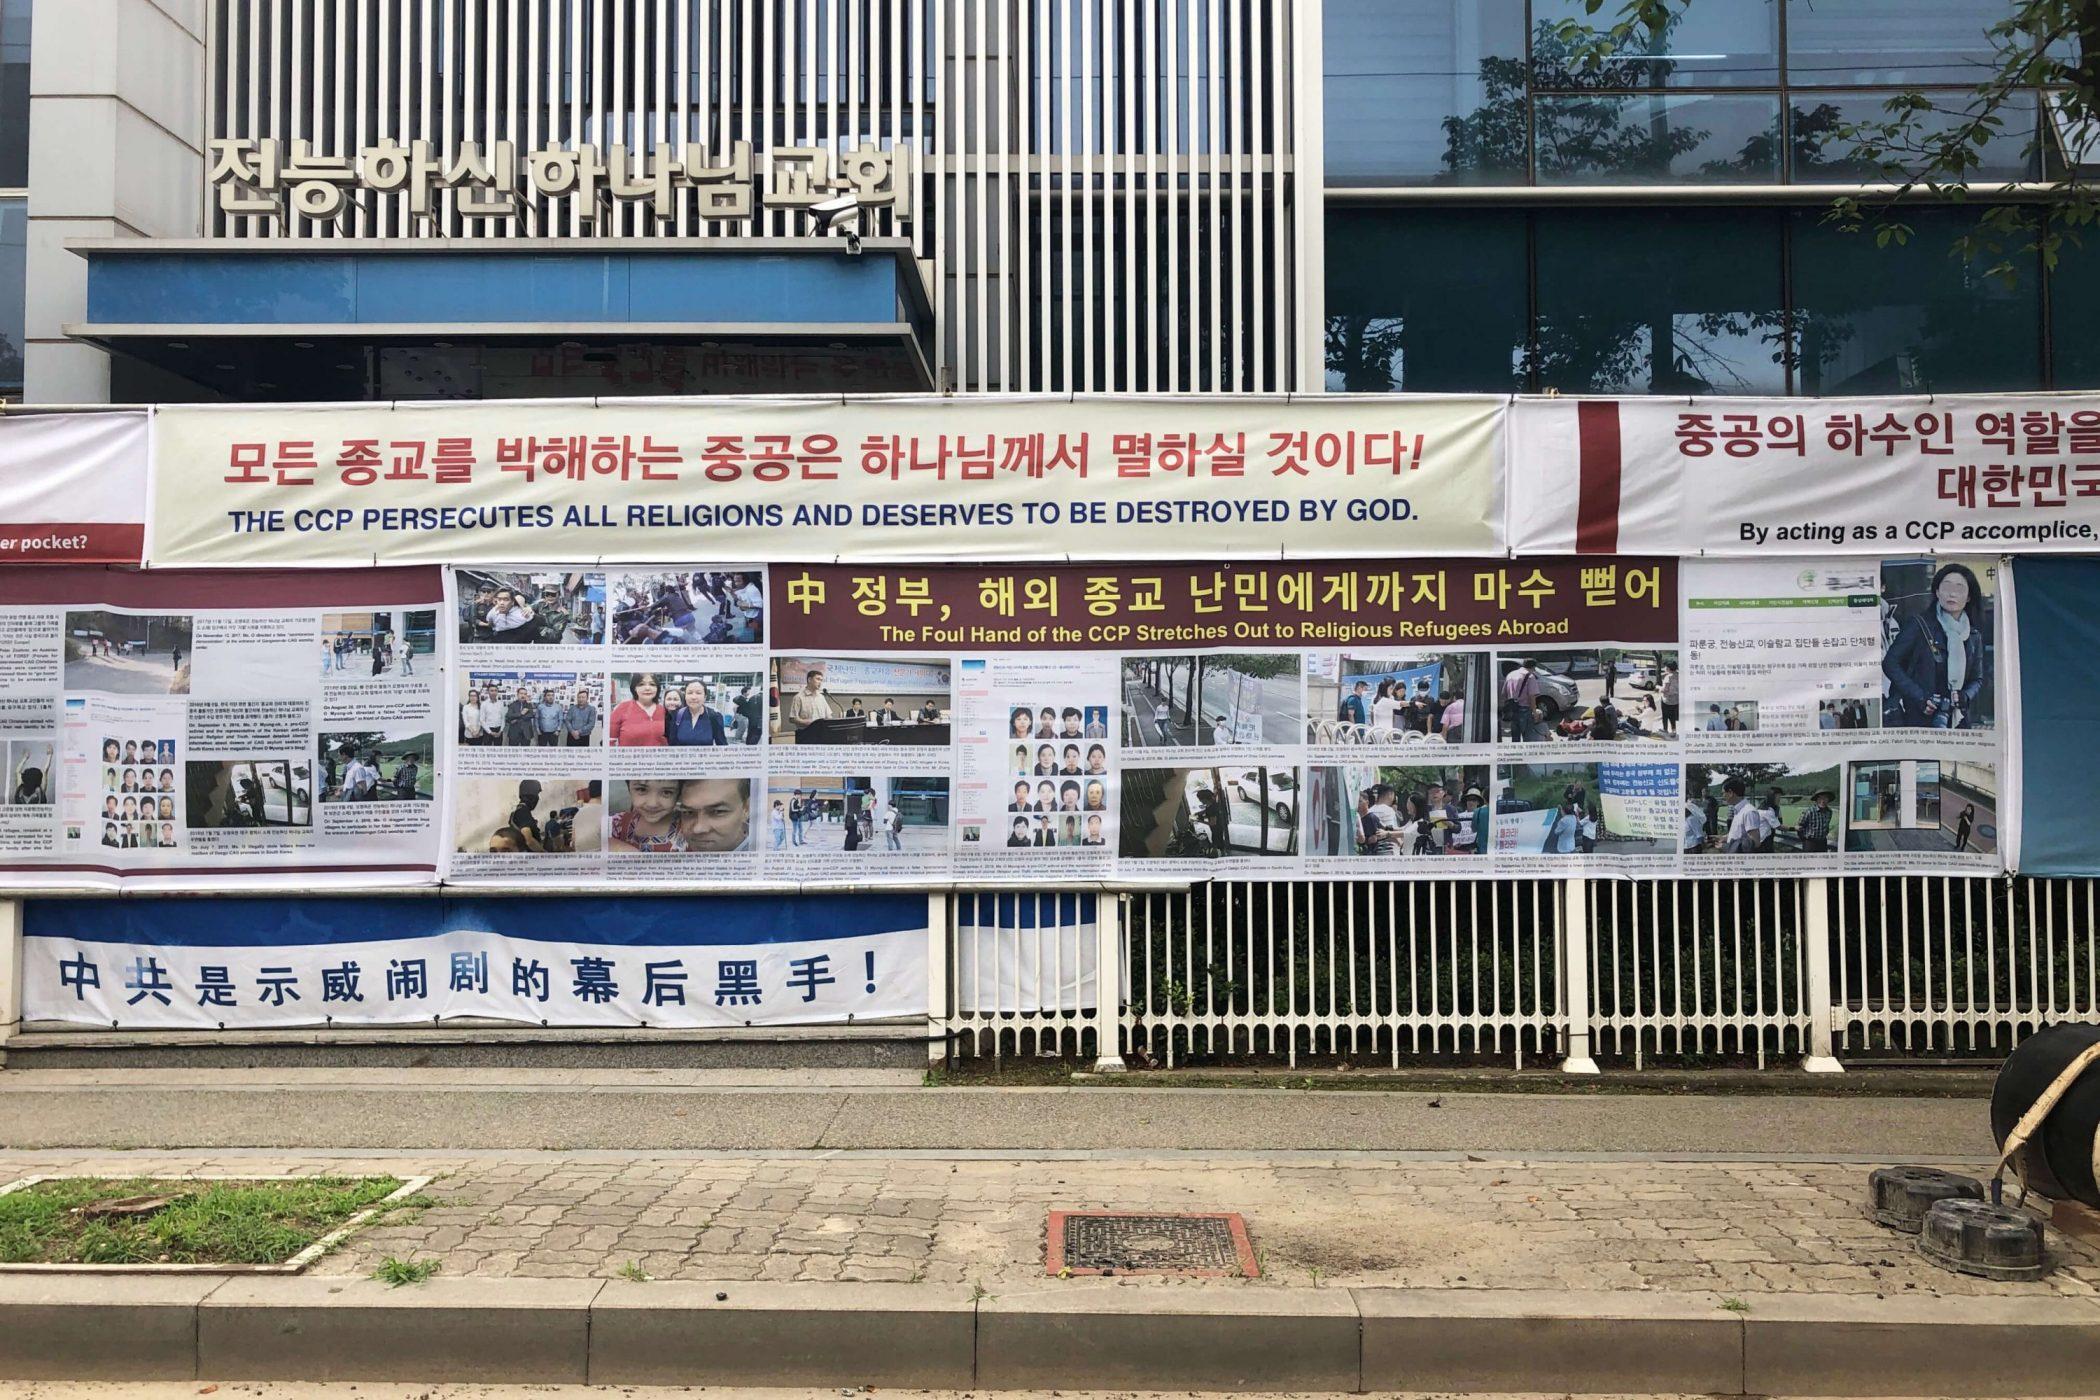 横幅标语:中共迫害之手伸向海外宗教难民!